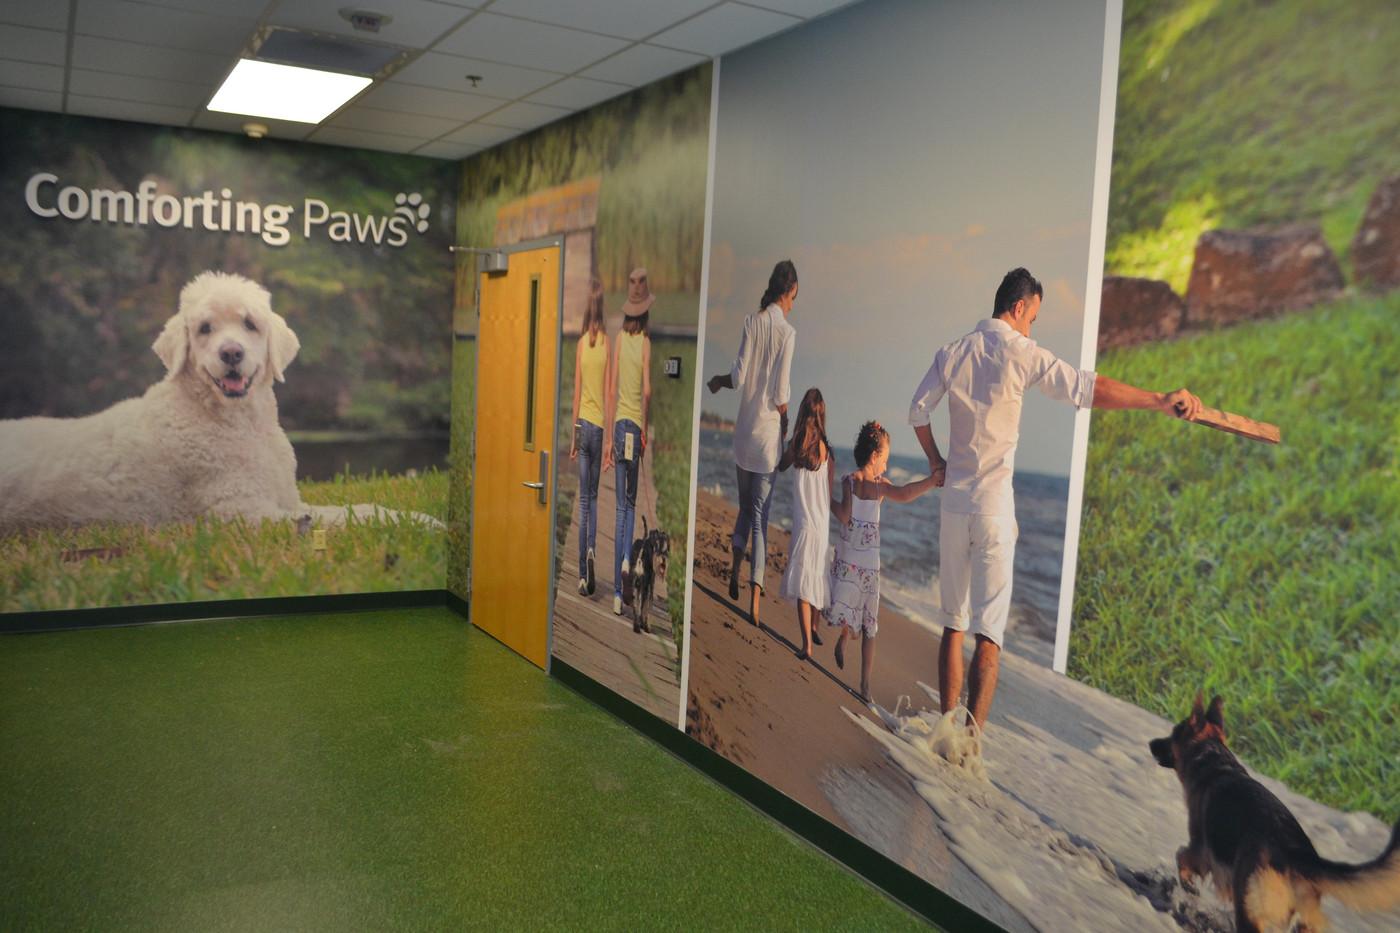 Comforting paws mural2.JPG